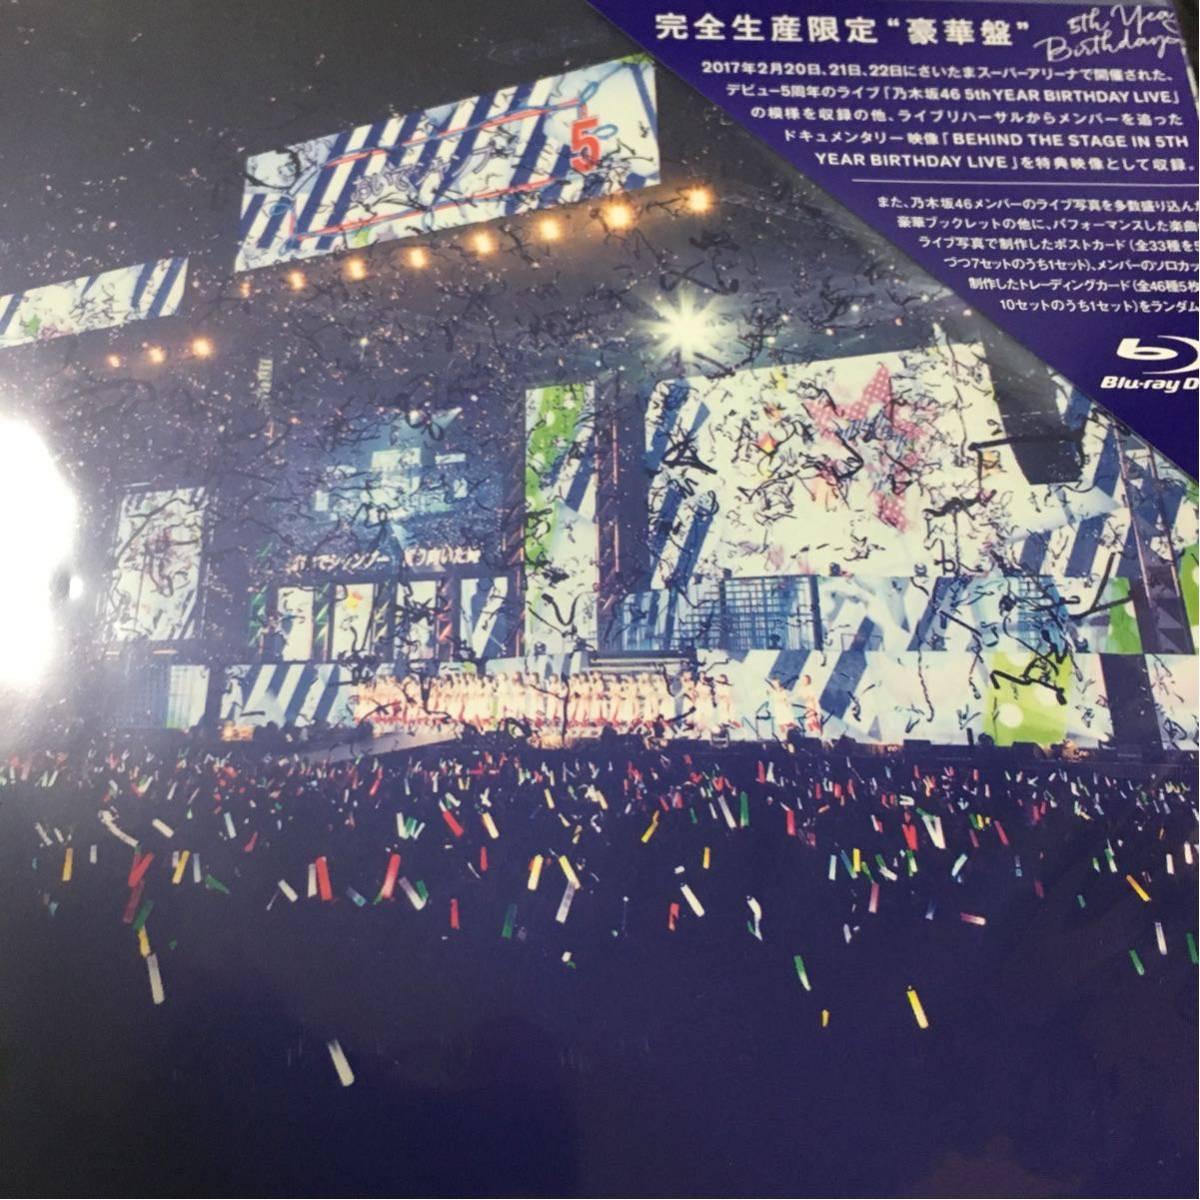 即決 乃木坂46 5th YEAR BIRTHDAY LIVE 2017.2.20-22 SAITAMA SUPER ARENA 完全生産限定盤 (Blu-ray) 新品_画像2